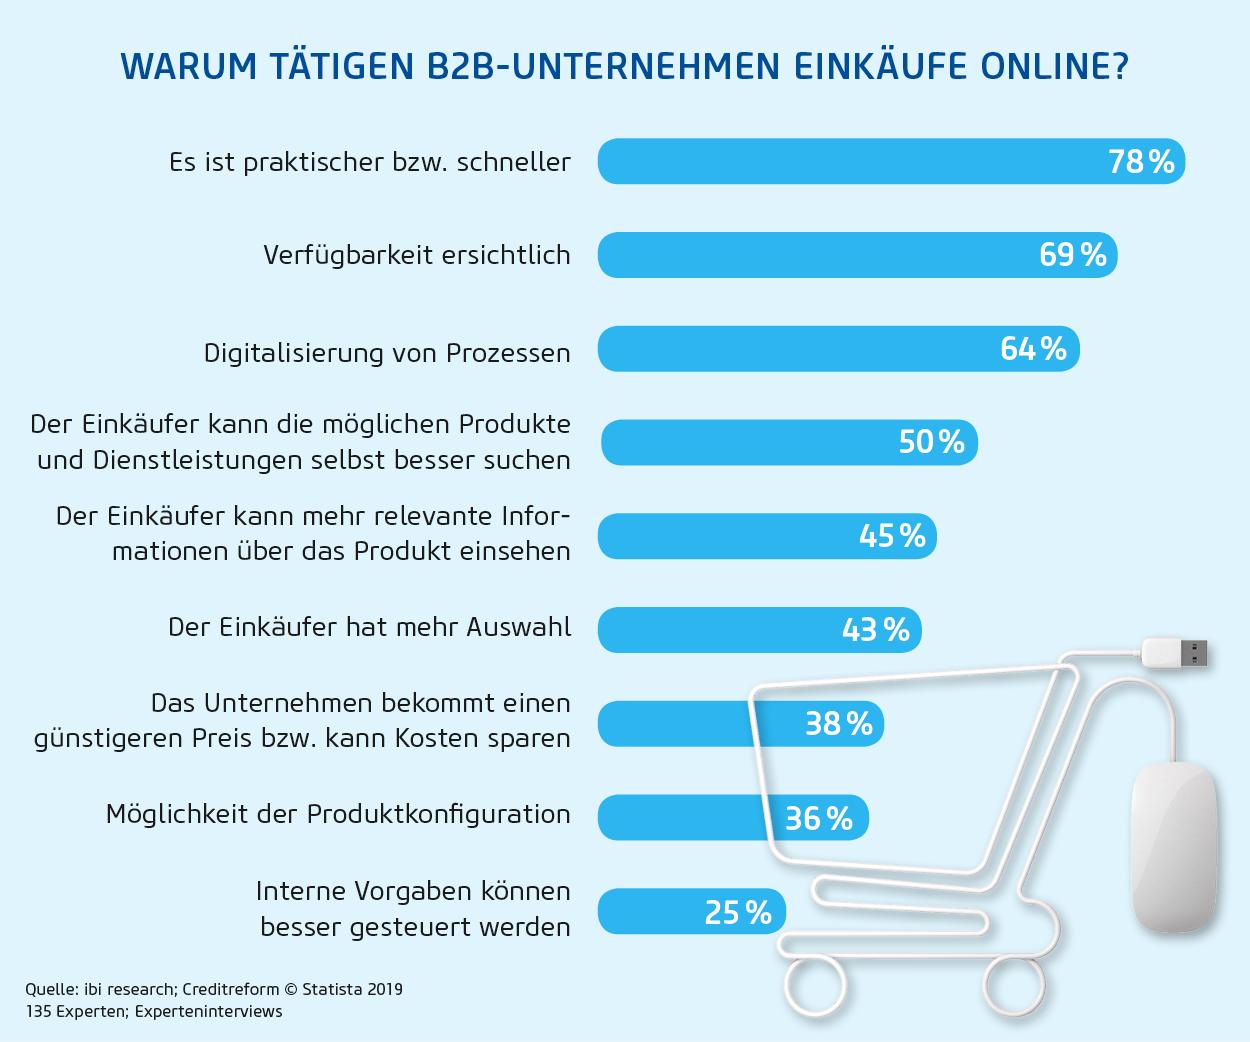 B2B Online Einkauf Vorteile (Bild: Statista)